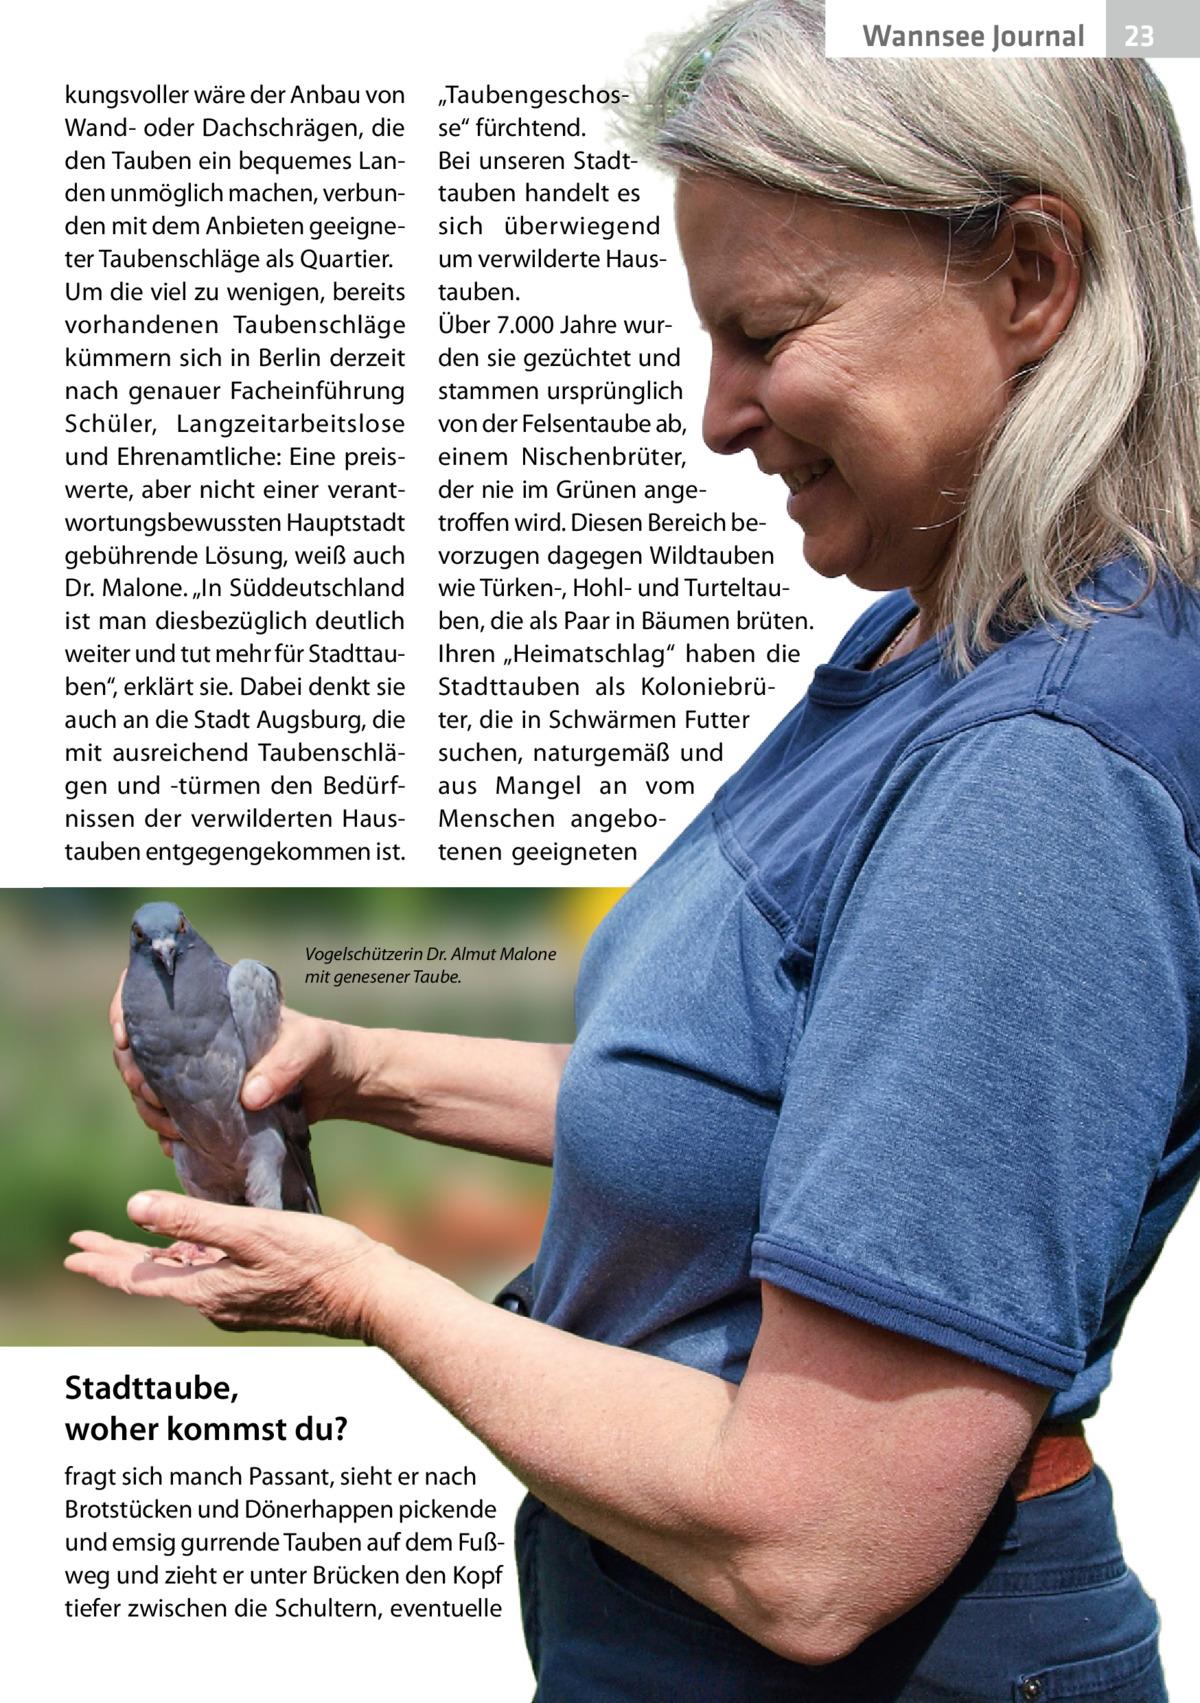 """Wannsee Journal kungsvoller wäre der Anbau von Wand- oder Dachschrägen, die den Tauben ein bequemes Landen unmöglich machen, verbunden mit dem Anbieten geeigneter Taubenschläge als Quartier. Um die viel zu wenigen, bereits vorhandenen Taubenschläge kümmern sich in Berlin derzeit nach genauer Facheinführung Schüler, Langzeitarbeitslose und Ehrenamtliche: Eine preiswerte, aber nicht einer verantwortungsbewussten Hauptstadt gebührende Lösung, weiß auch Dr.Malone. """"In Süddeutschland ist man diesbezüglich deutlich weiter und tut mehr für Stadttauben"""", erklärt sie. Dabei denkt sie auch an die Stadt Augsburg, die mit ausreichend Taubenschlägen und -türmen den Bedürfnissen der verwilderten Haustauben entgegengekommen ist.  """"Taubengeschosse"""" fürchtend. Bei unseren Stadttauben handelt es sich überwiegend um verwilderte Haustauben. Über 7.000Jahre wurden sie gezüchtet und stammen ursprünglich von der Felsentaube ab, einem Nischenbrüter, der nie im Grünen angetroffen wird. Diesen Bereich bevorzugen dagegen Wildtauben wie Türken-, Hohl- und Turteltauben, die als Paar in Bäumen brüten. Ihren """"Heimatschlag"""" haben die Stadttauben als Koloniebrüter, die in Schwärmen Futter suchen, naturgemäß und aus Mangel an vom Menschen angebotenen geeigneten  Vogelschützerin Dr.Almut Malone mit genesener Taube.  Stadttaube, woher kommst du? fragt sich manch Passant, sieht er nach Brotstücken und Dönerhappen pickende und emsig gurrende Tauben auf dem Fußweg und zieht er unter Brücken den Kopf tiefer zwischen die Schultern, eventuelle  23"""